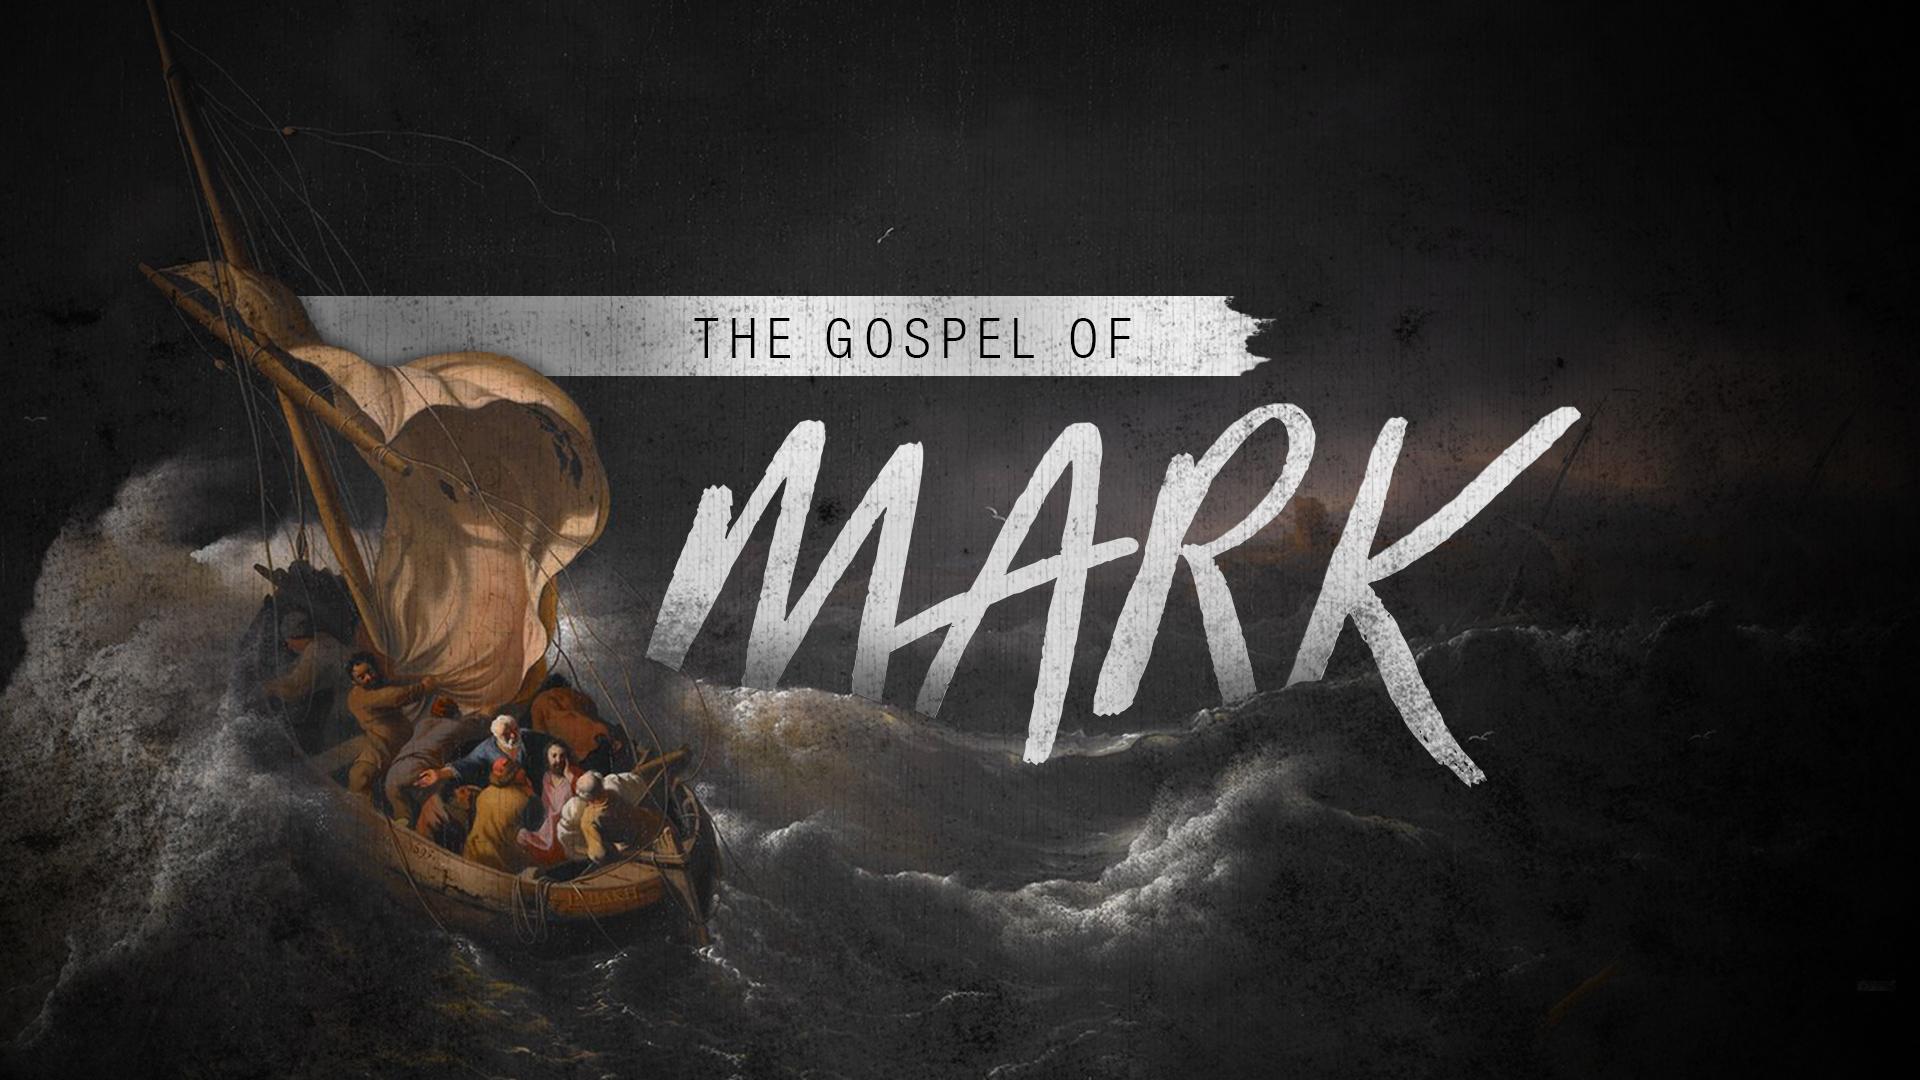 Gospel of Mark - 16-9.jpg